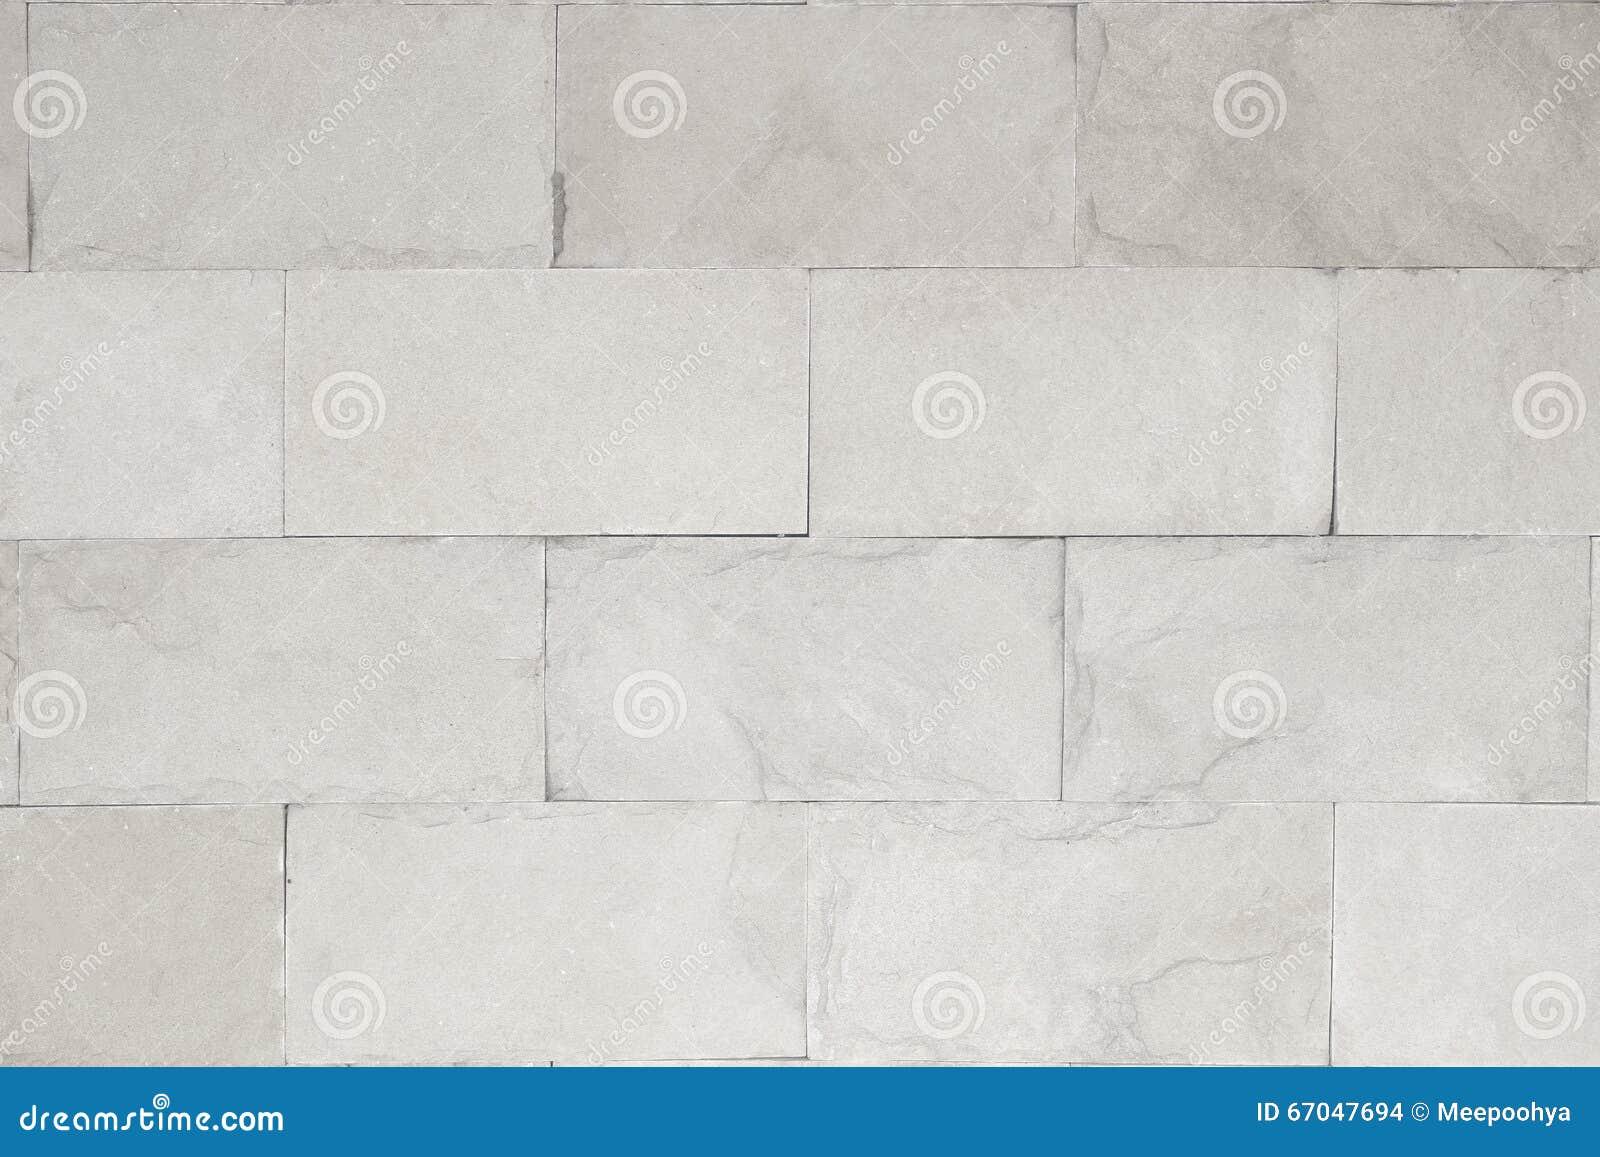 Weiße Steinwand weiße steinwand für hintergrunddesign stockfoto - bild von weinlese